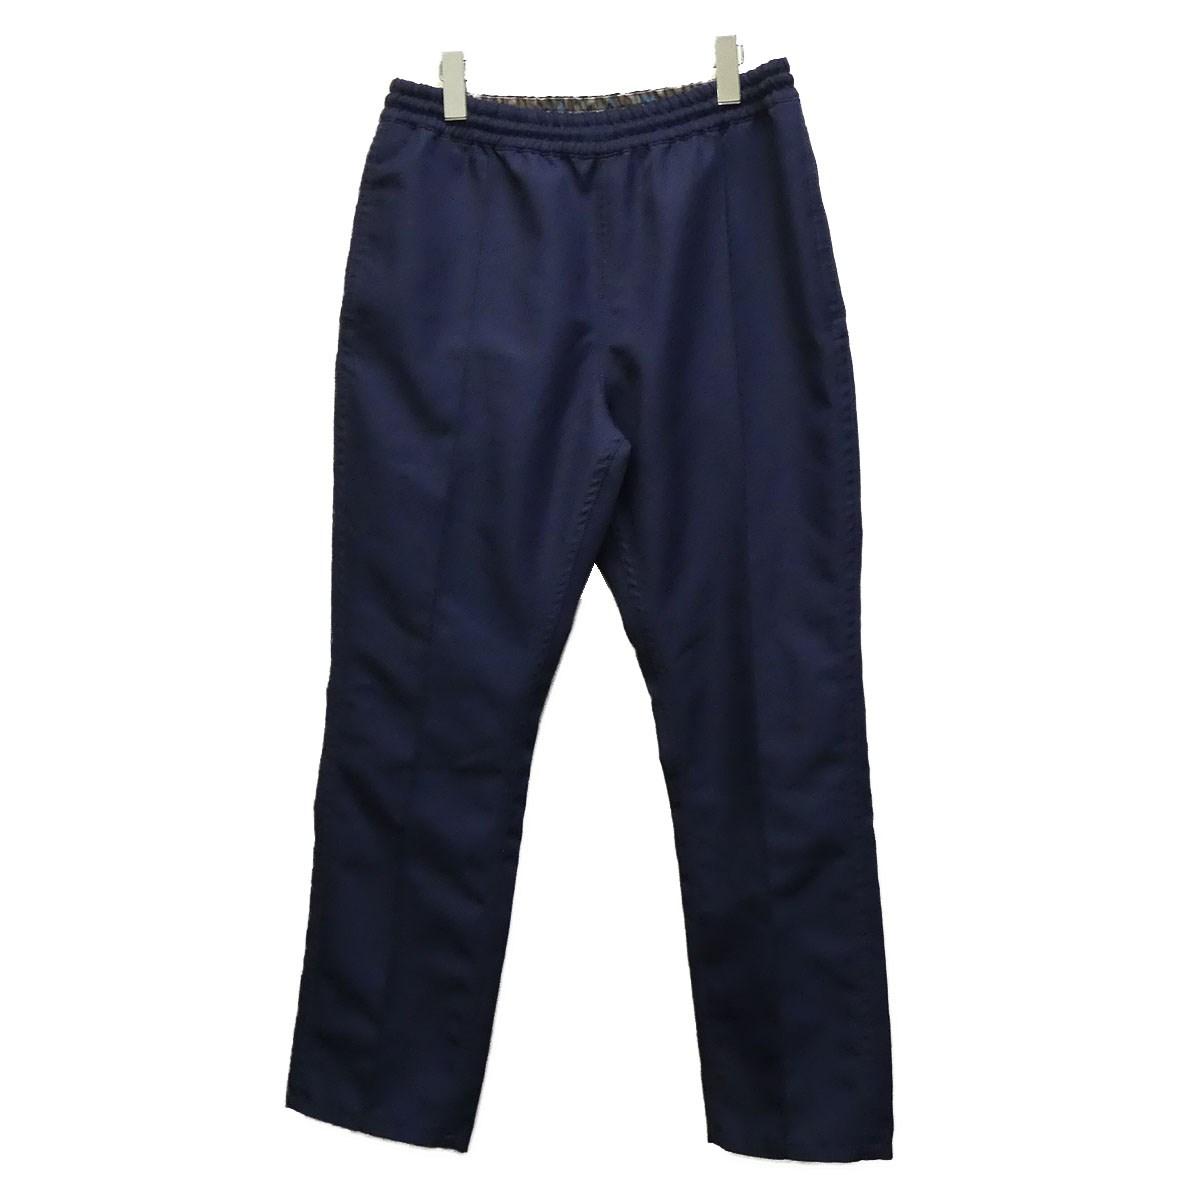 【中古】nonnative 20SS「OFFICER EASY PANTS POLY TWILL」オフィサーイージーパンツ ネイビー サイズ:1 【030720】(ノンネイティブ)